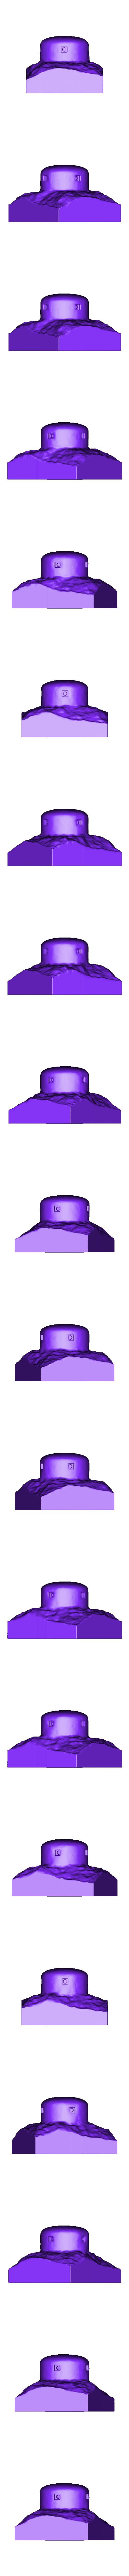 bunker 1914 (réparée) (réparée).stl Download STL file bunker 1914 French • 3D printer object, NICOCO3D